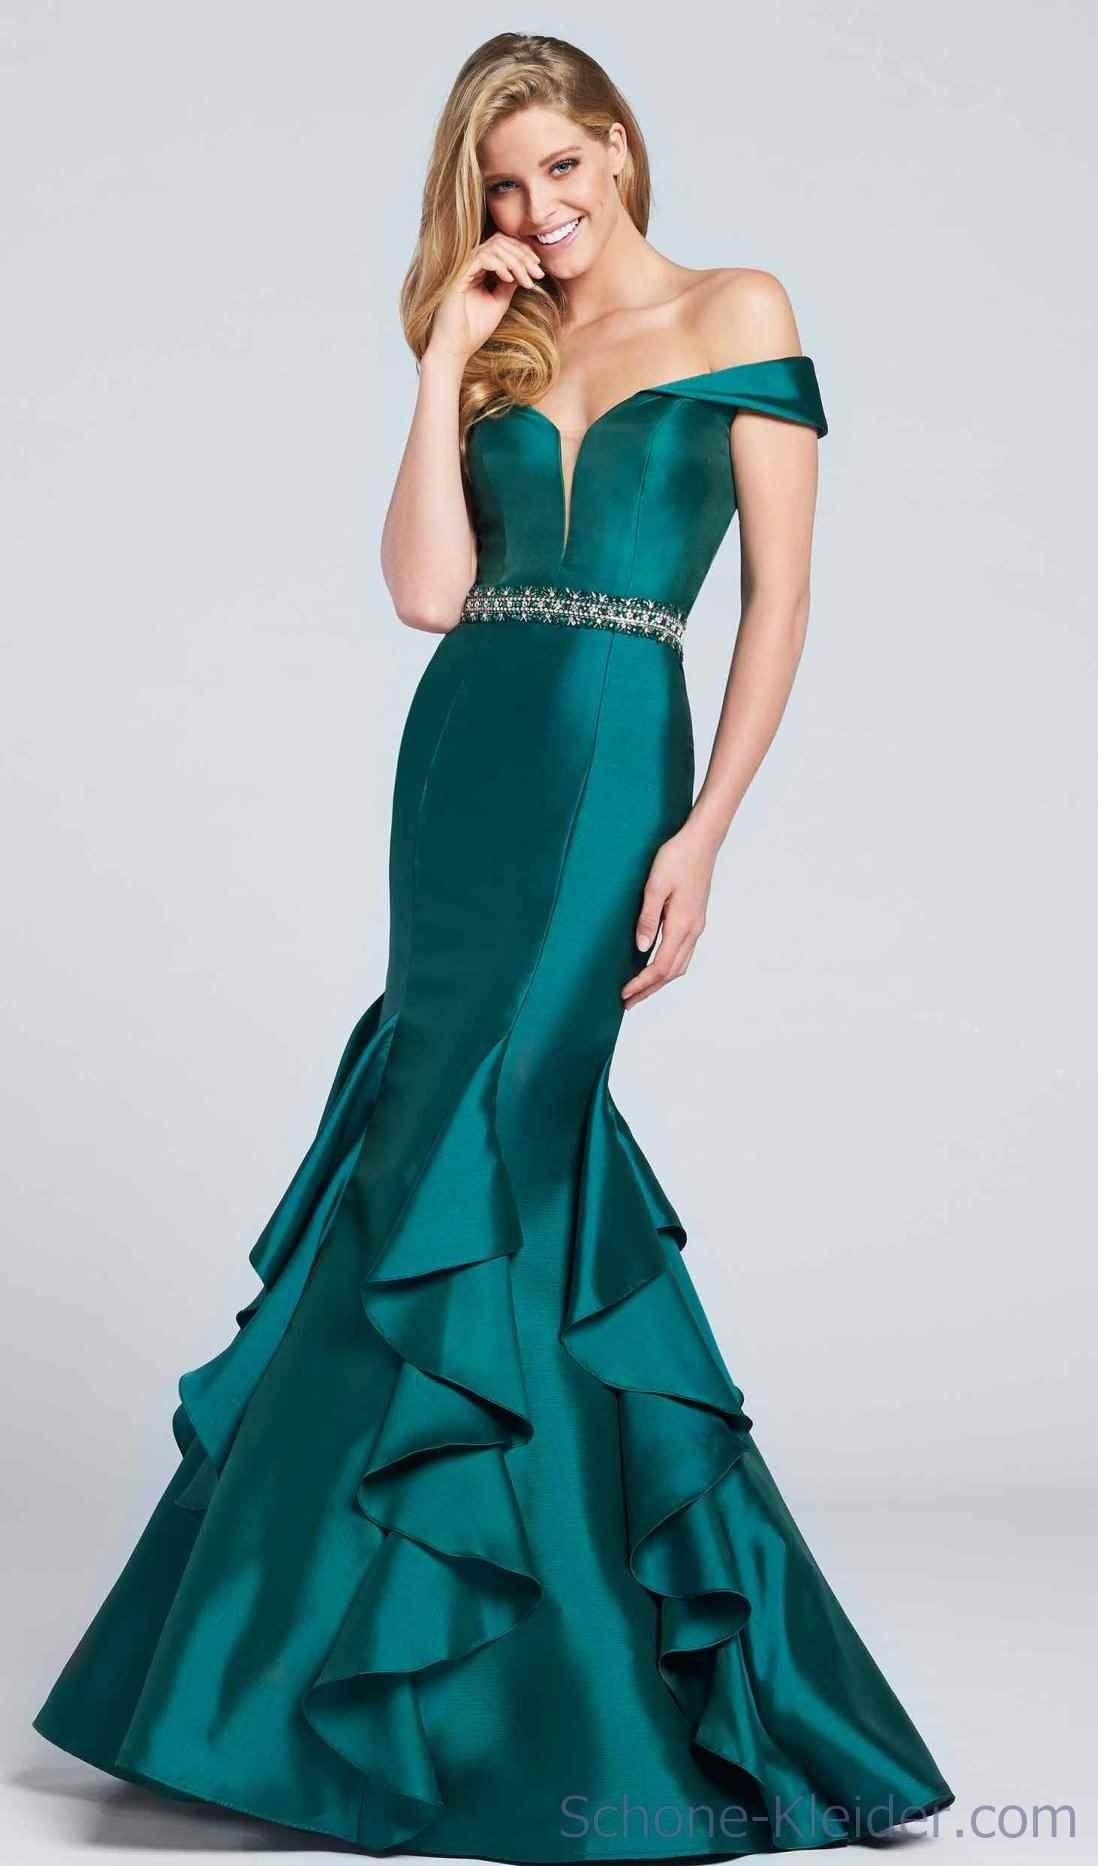 10 Cool Elegante Kleider Grün für 201915 Spektakulär Elegante Kleider Grün Galerie